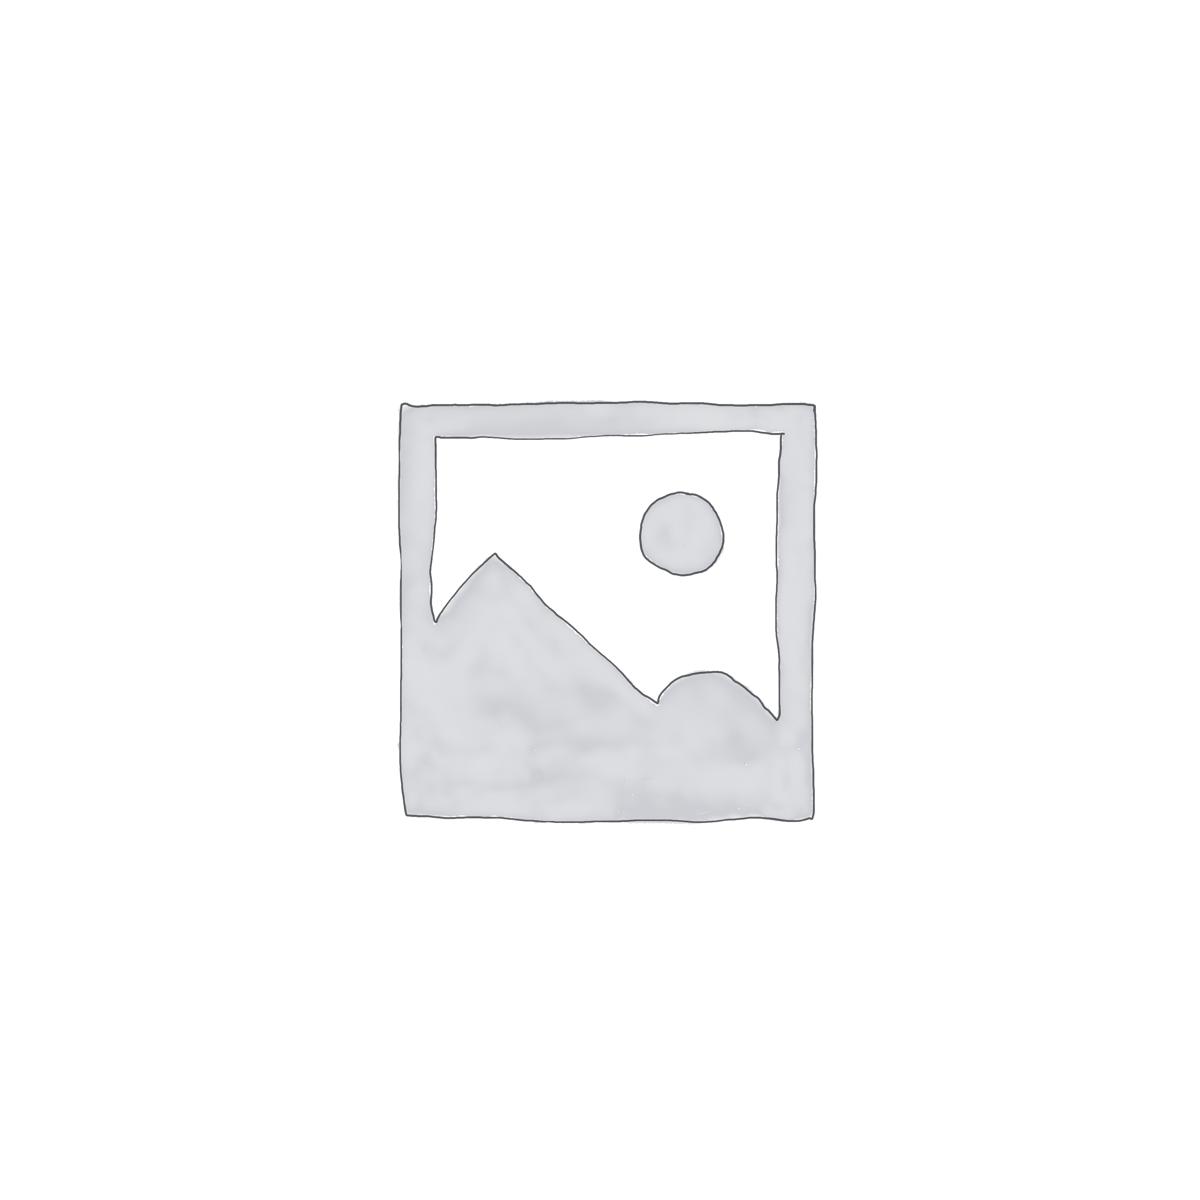 Antikvariát manuály, seznamy náhradních dílů